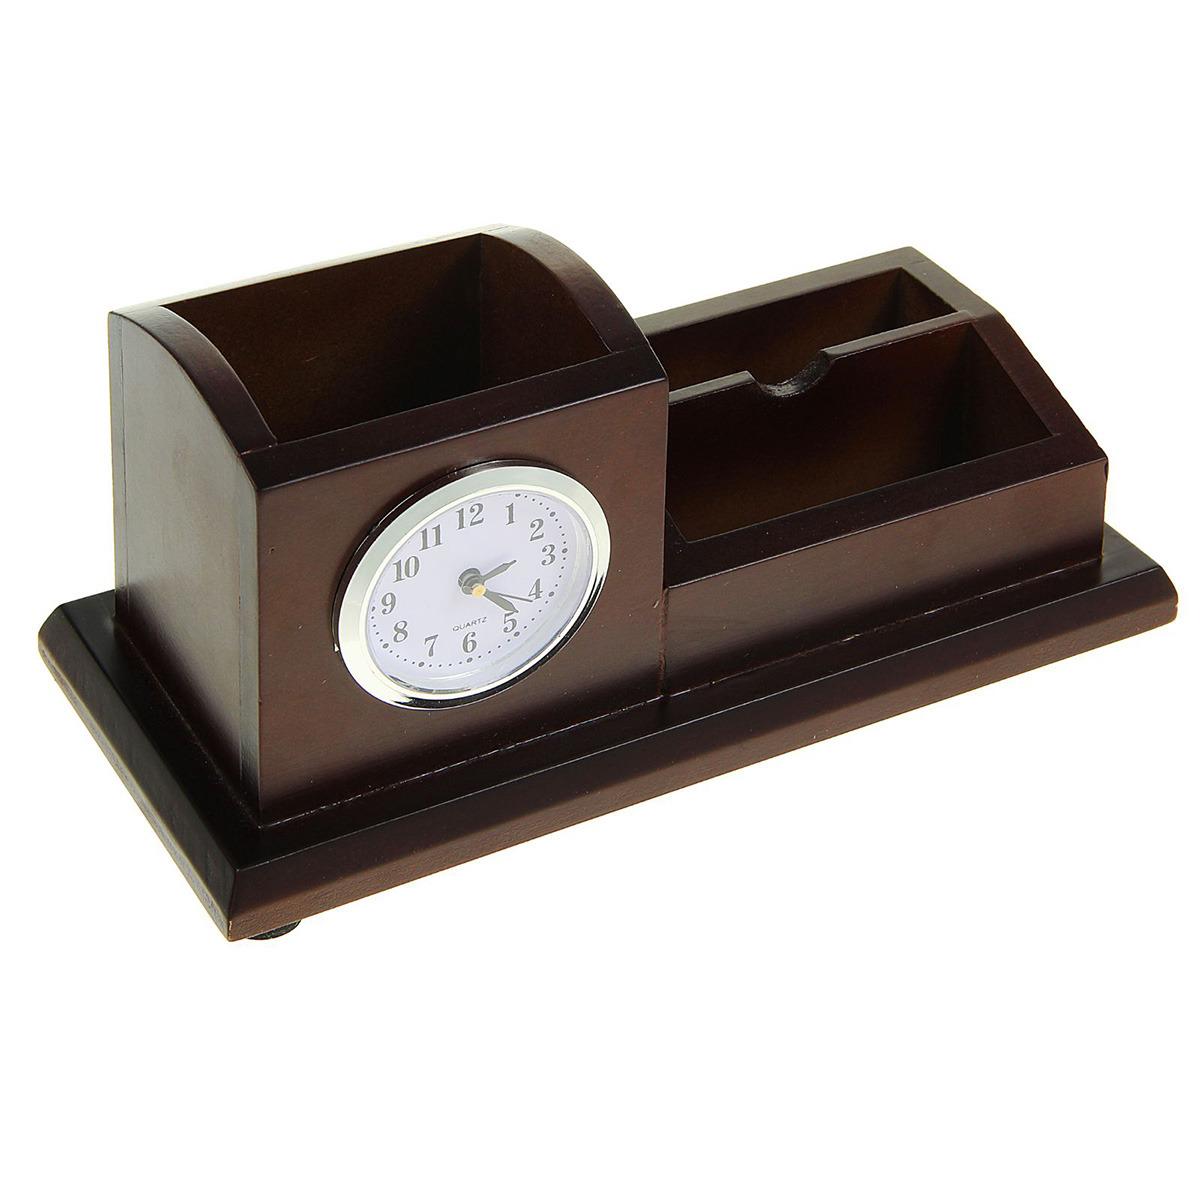 Канцелярский набор 2 в 1, 1770850, коричневый, 10 х 22,5 см